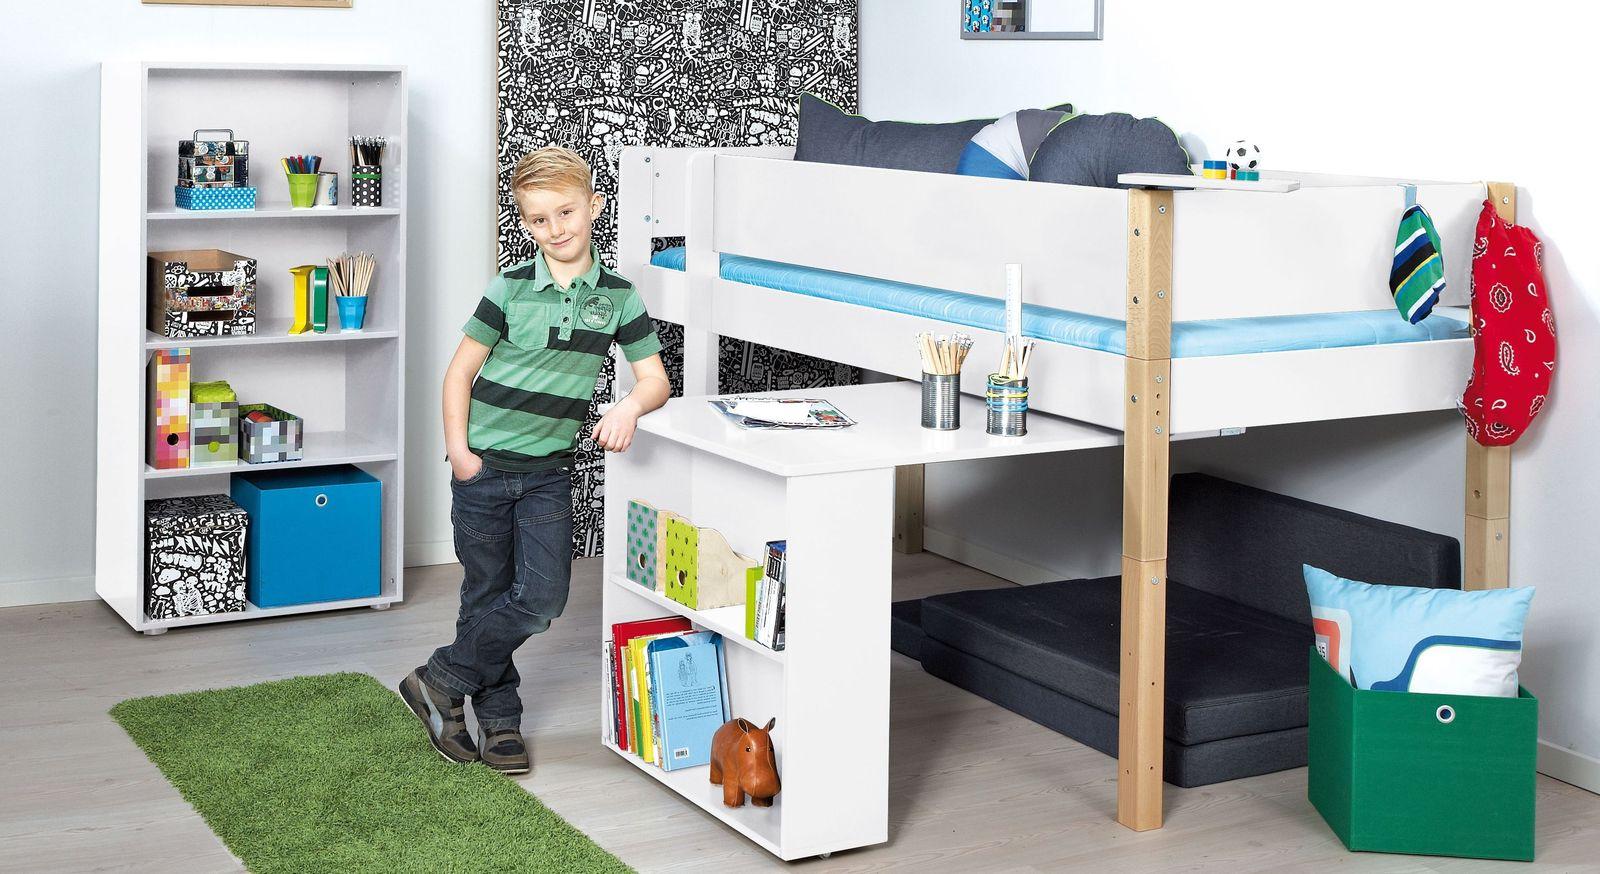 Passende Produkte zum Mini-Hochbett Kids Town mit Auszieh-Schreibtisch